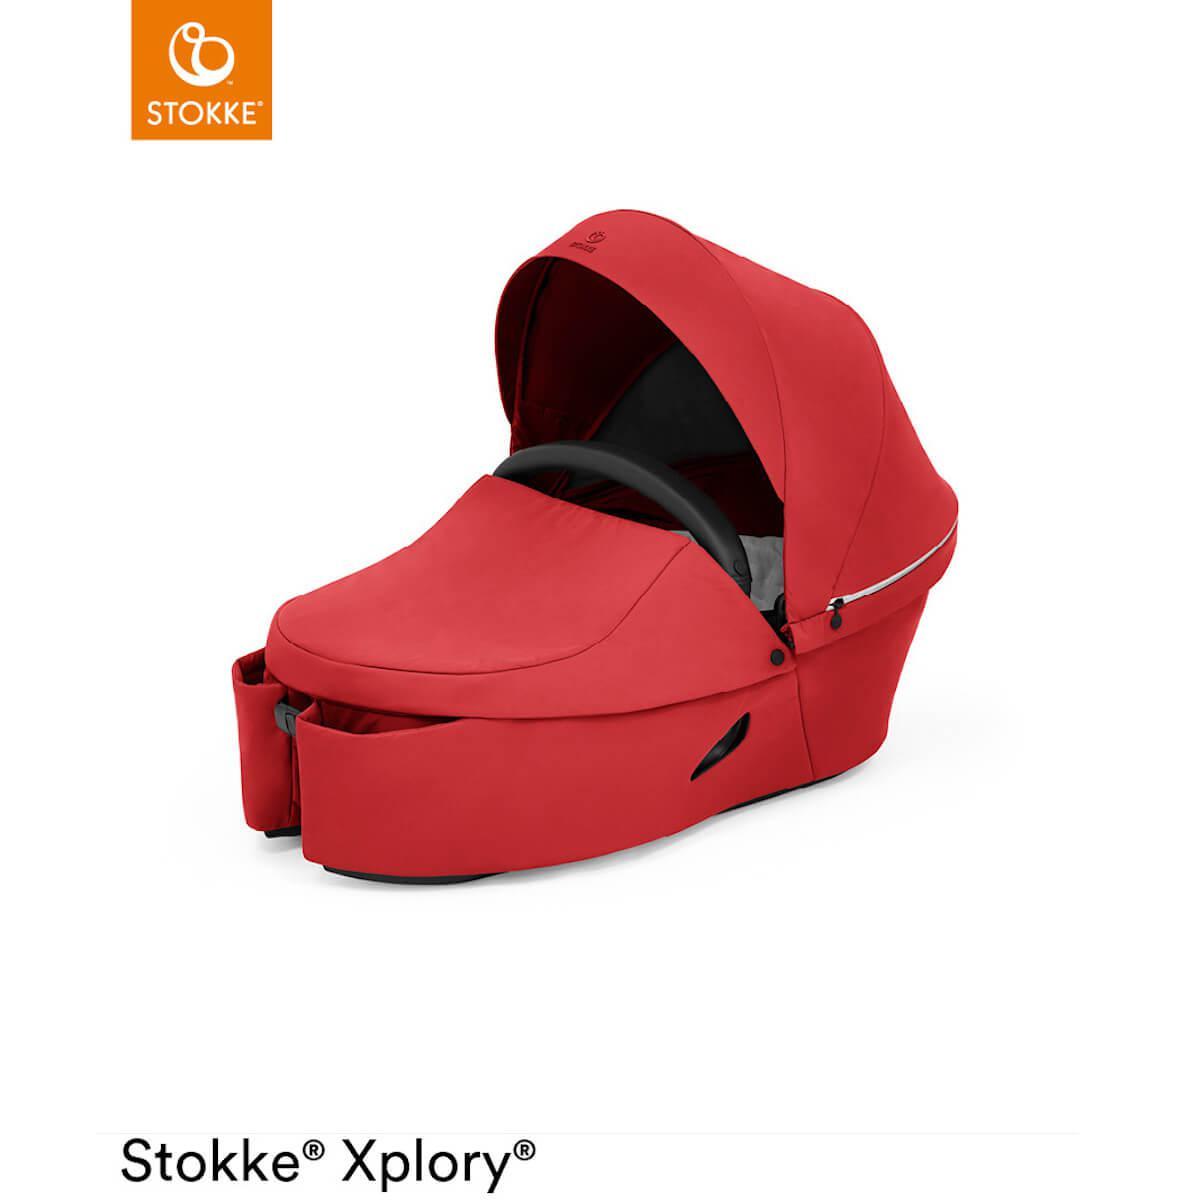 Nacelle XPLORY X Stokke Ruby Red